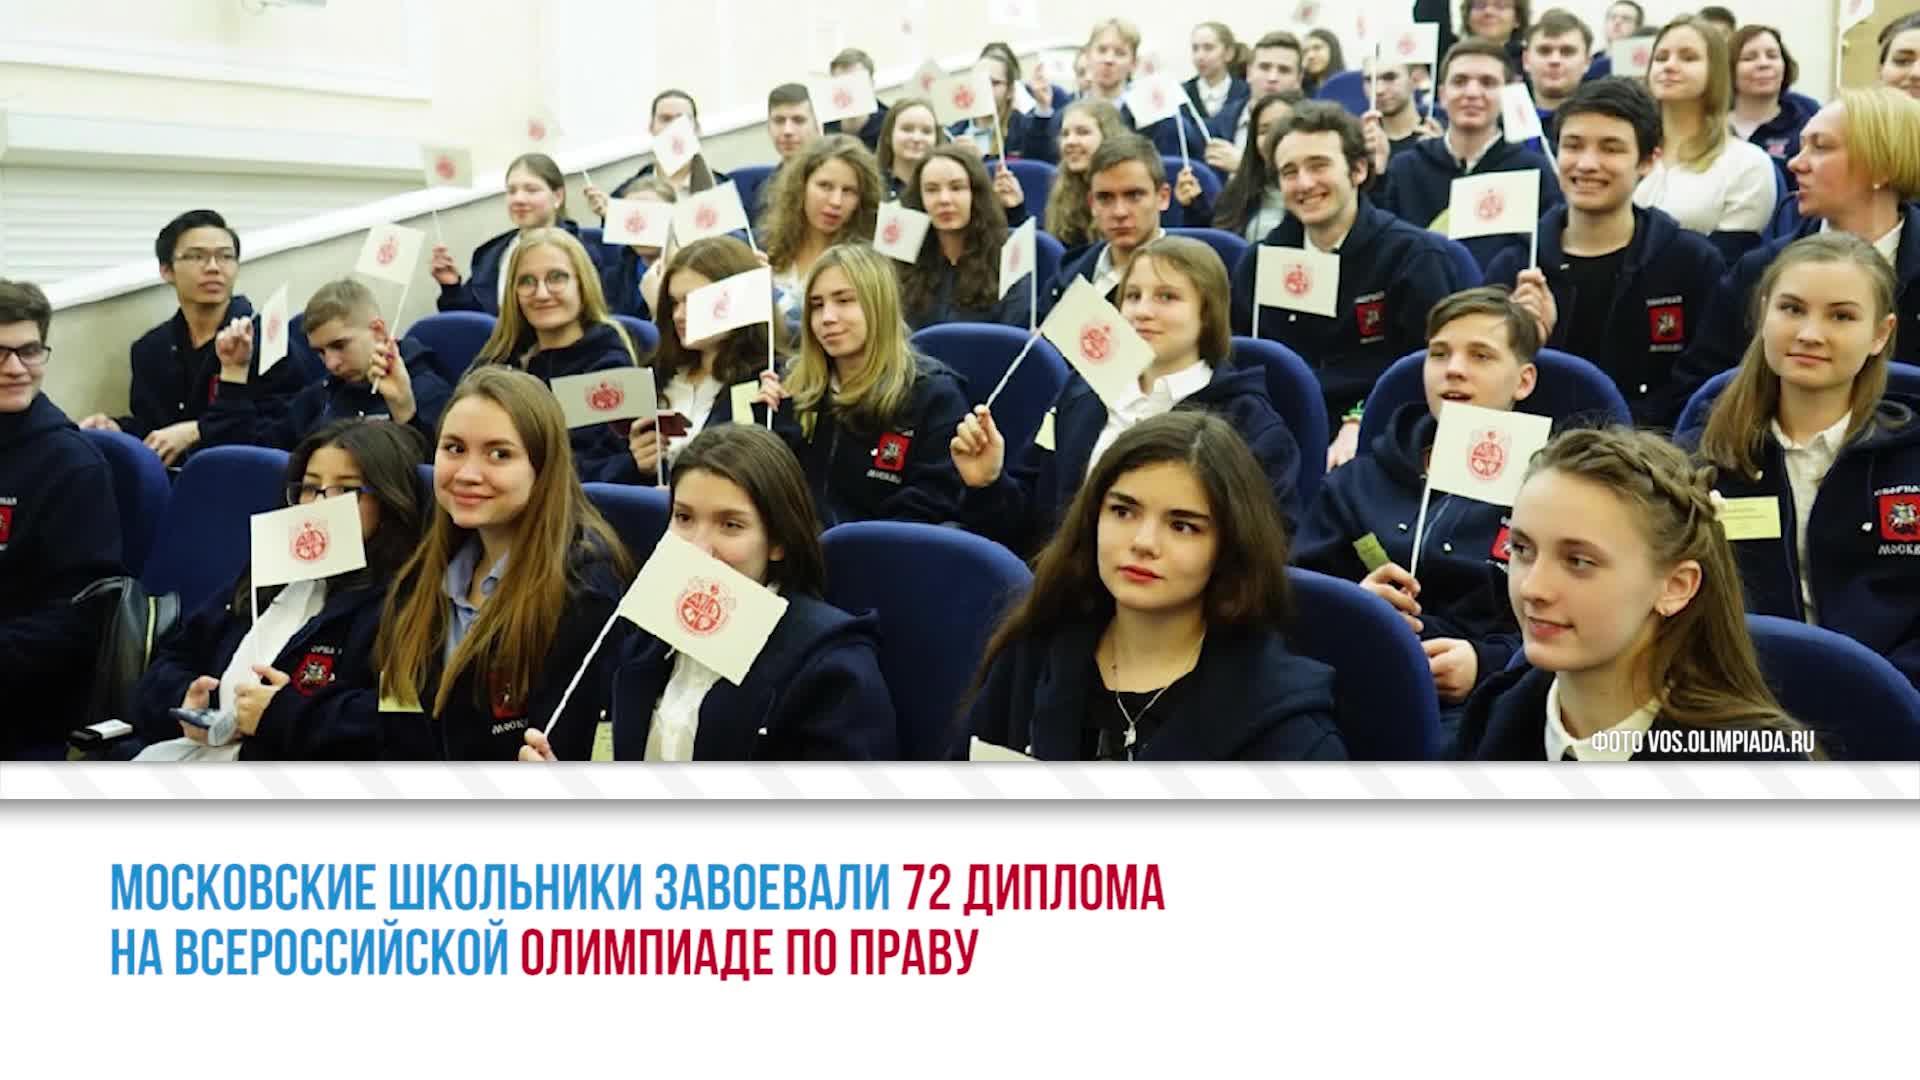 Всероссийская олимпиада школьников по праву